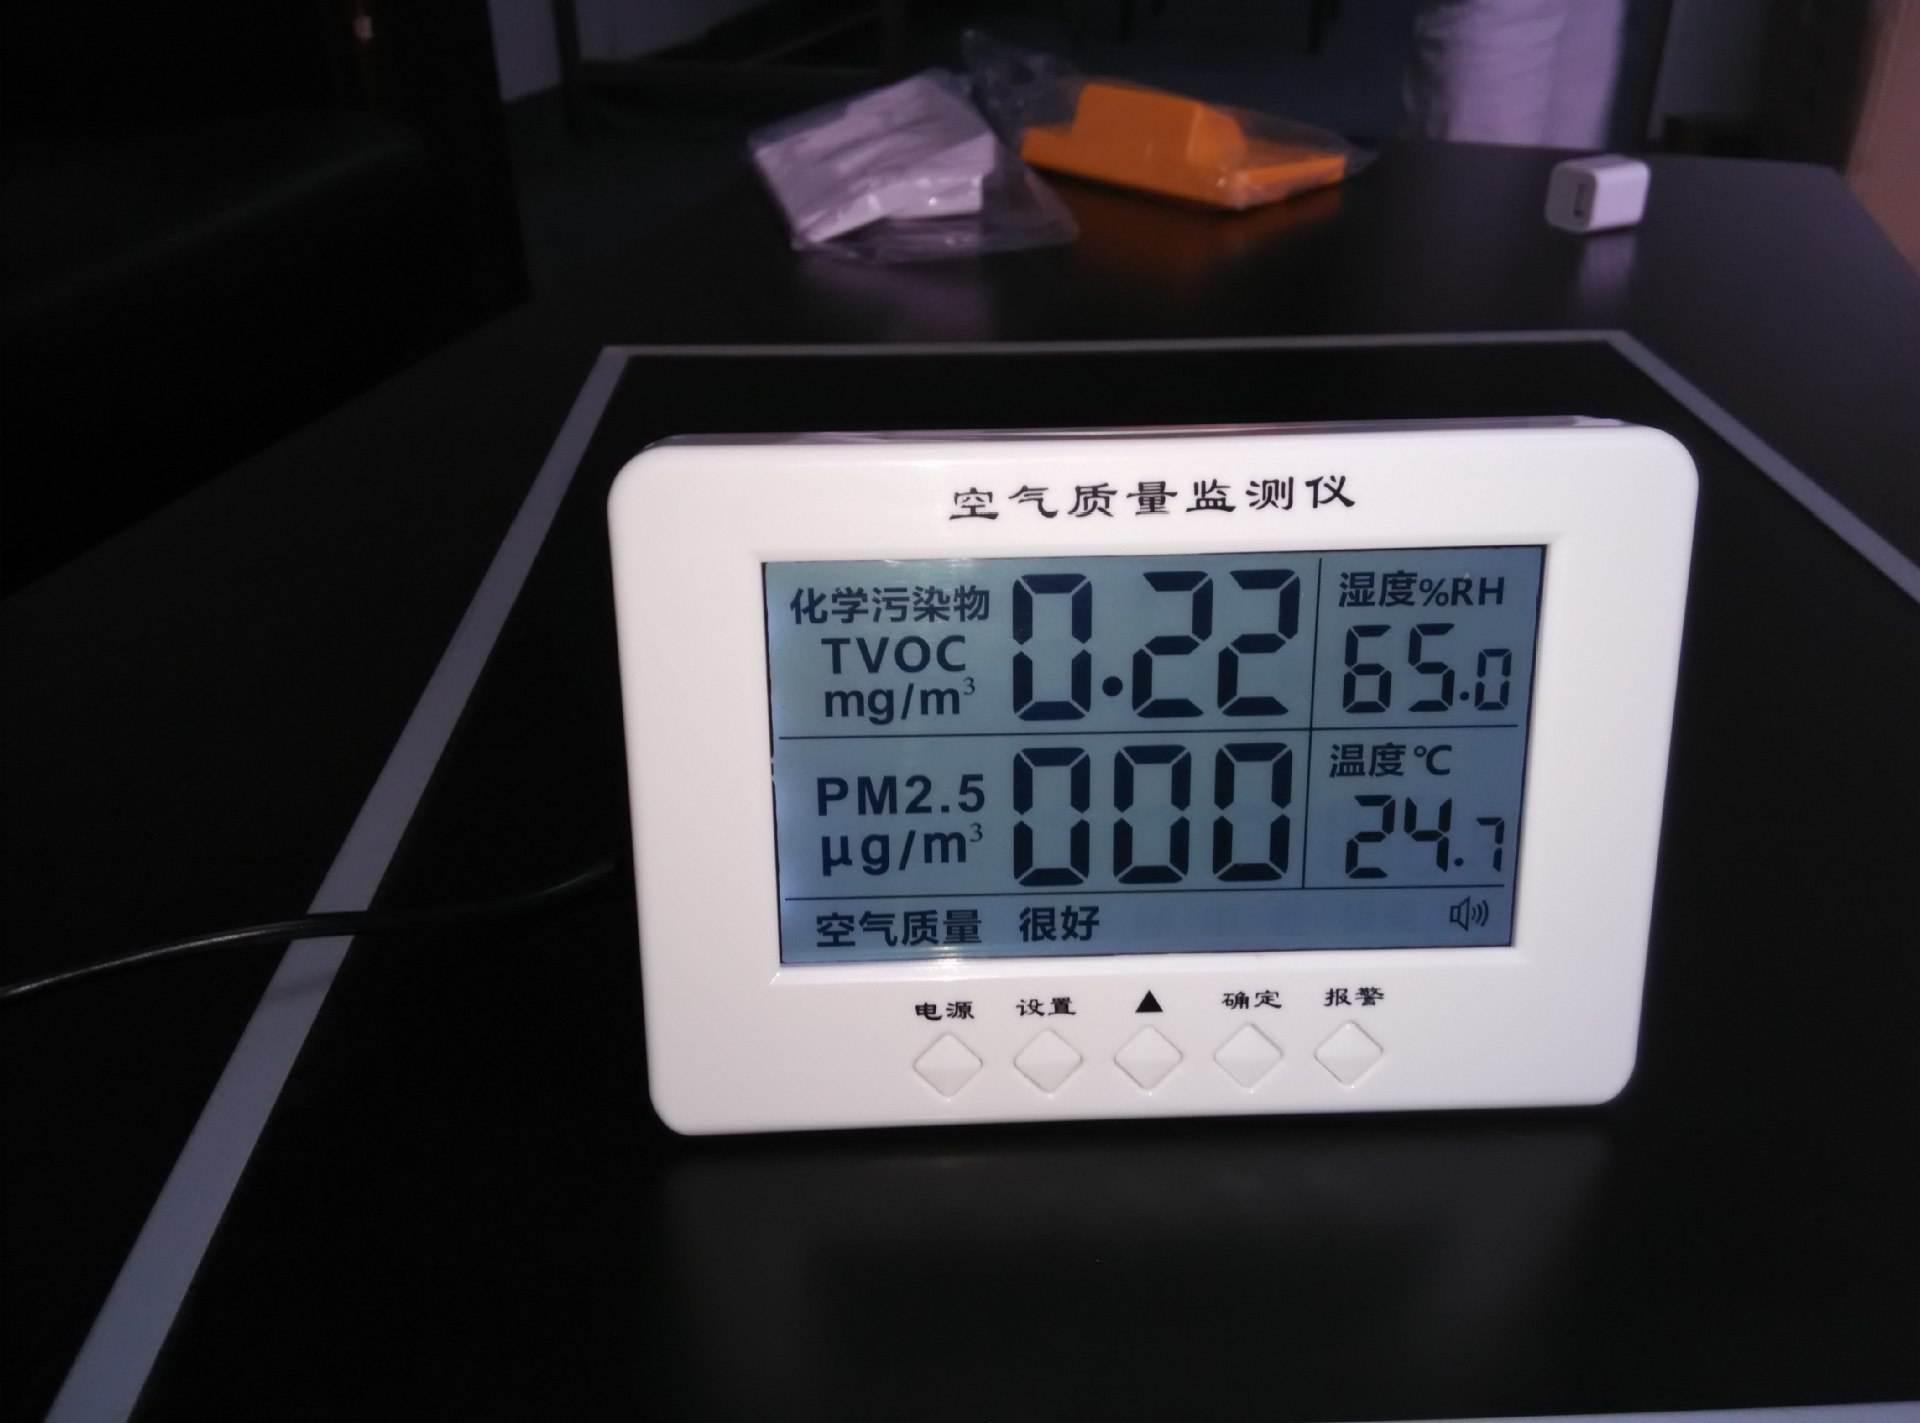 室内空气质量监测会用到什么传感器?